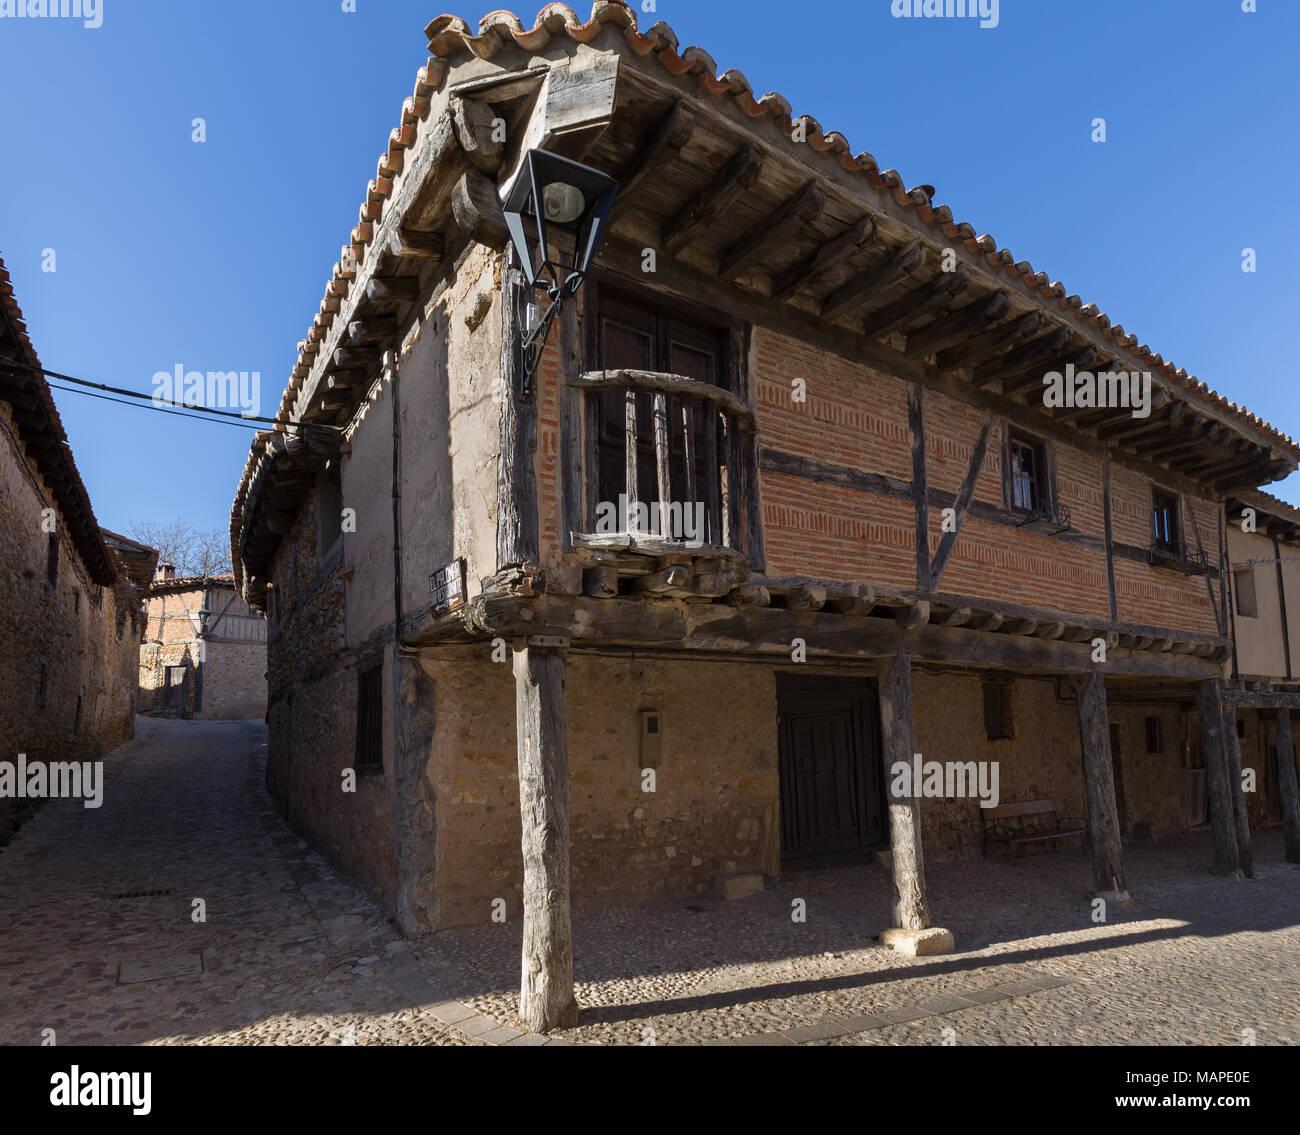 Facade of an ancient building in Calatanazor, Soria Stock Photo